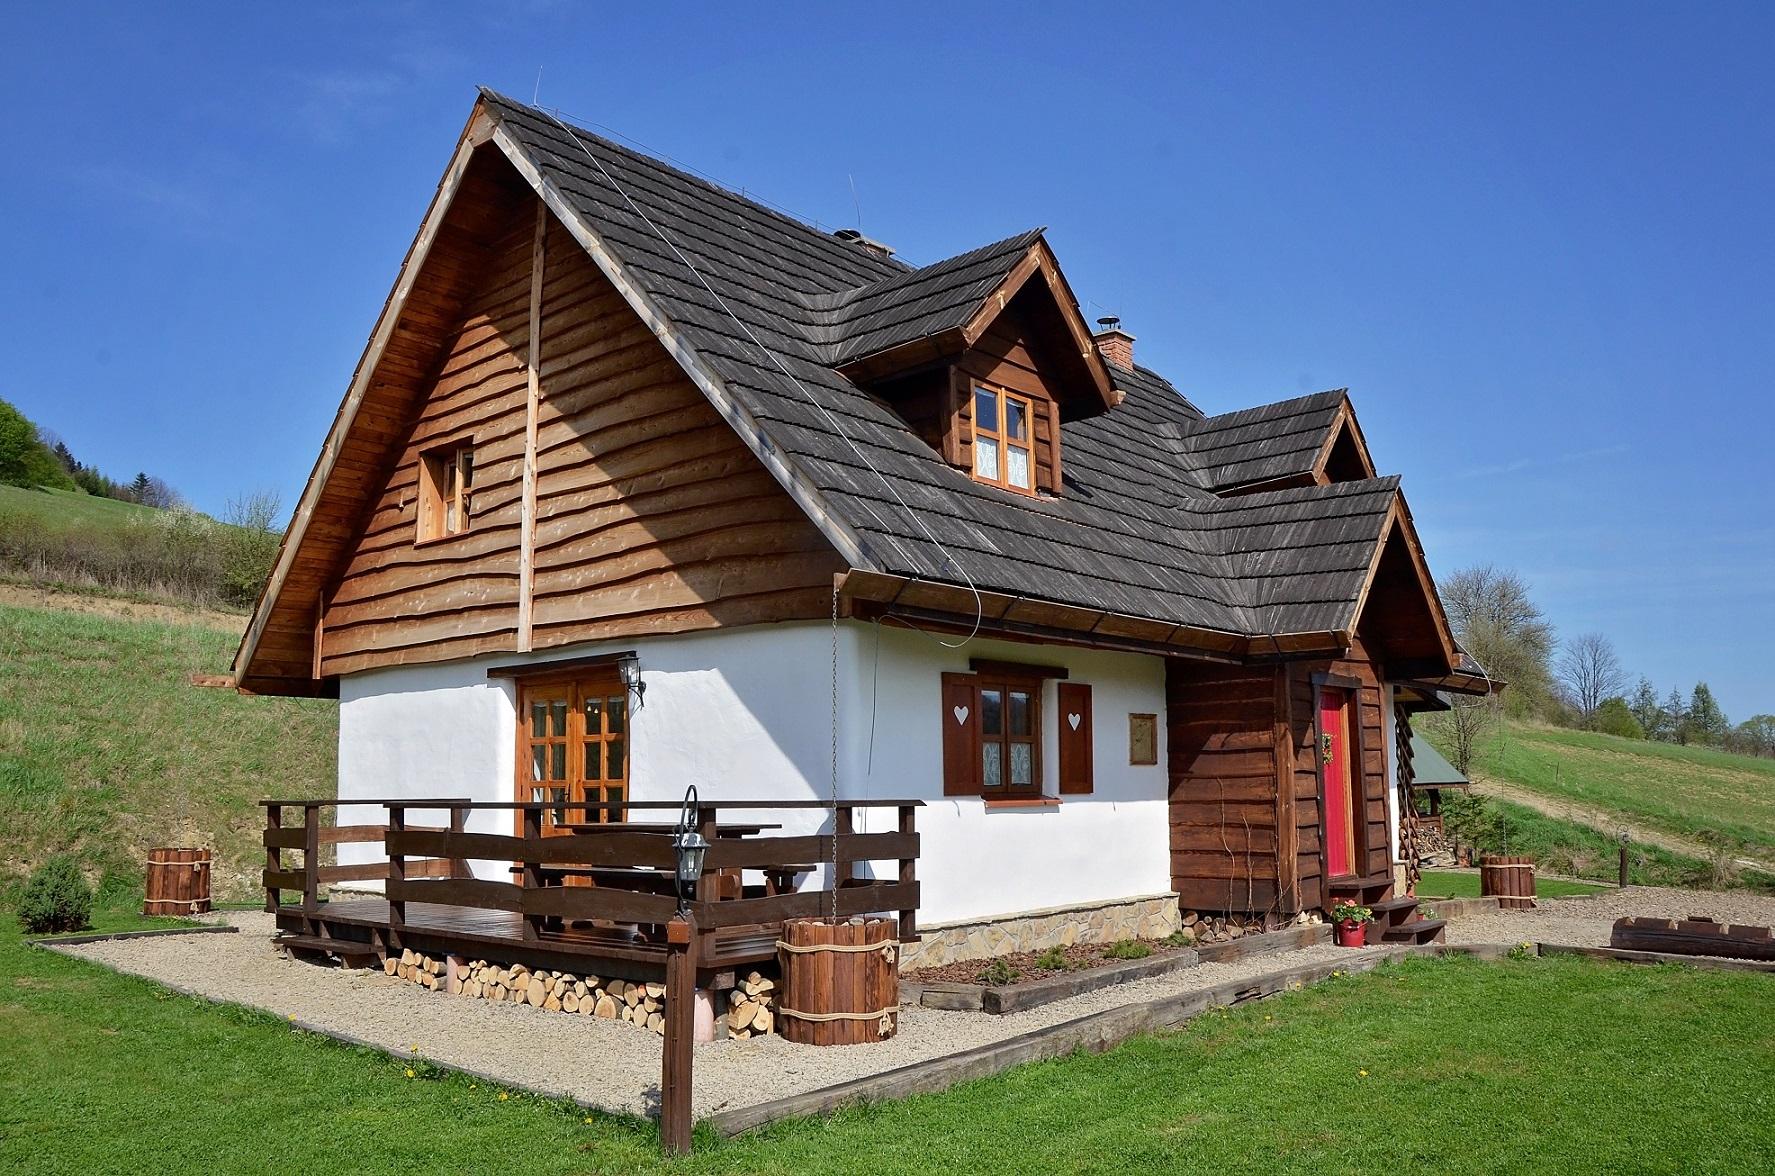 Chata z Gliny w Bieszczadach - Will I not be bored?